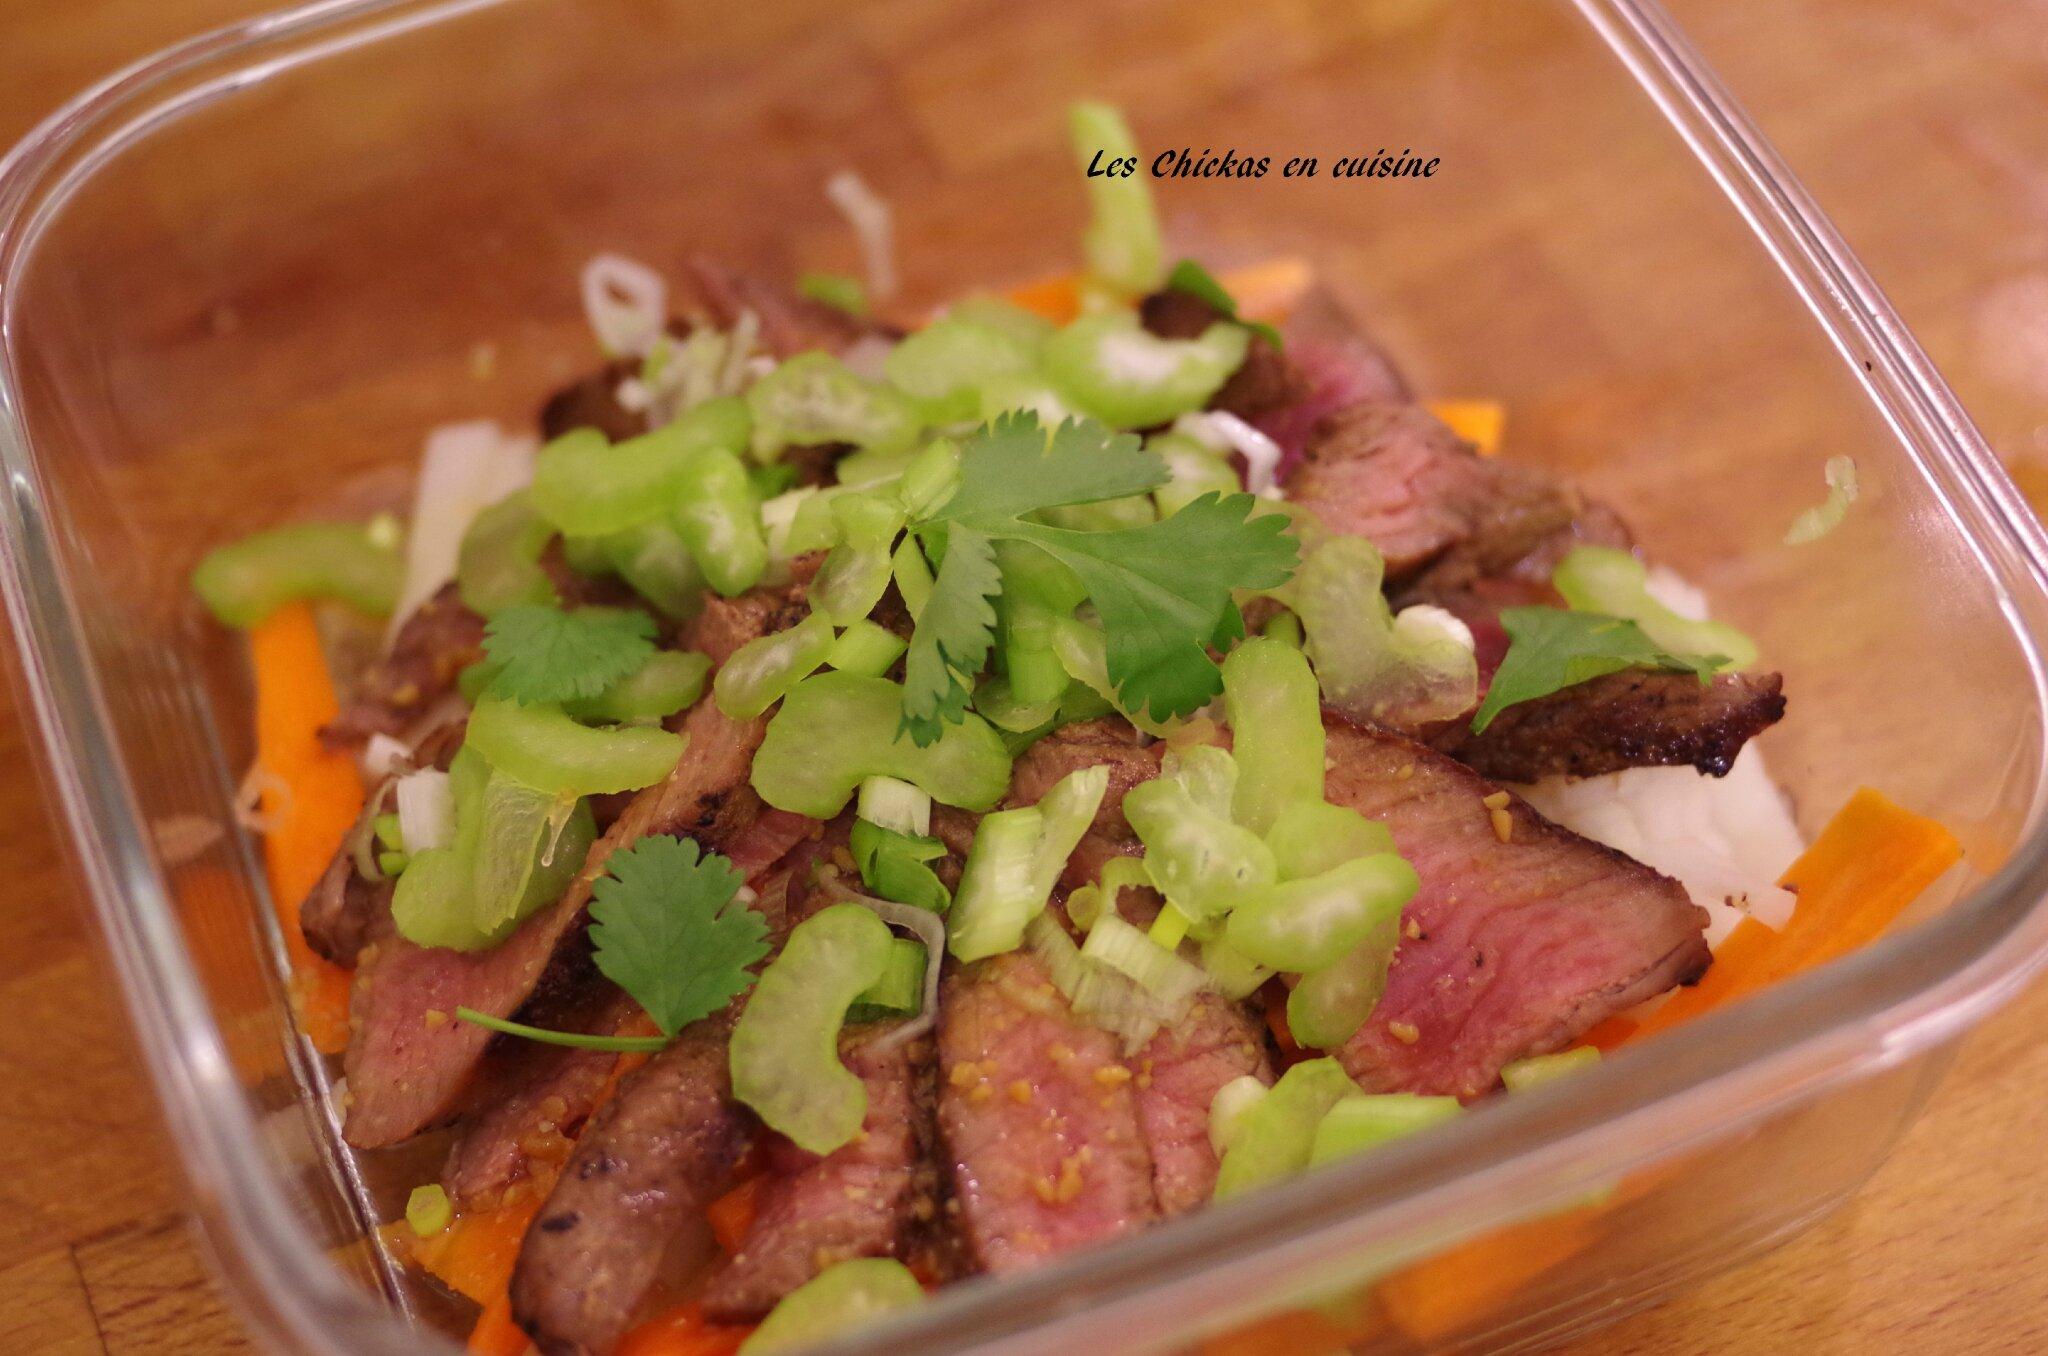 Recette japonaise : salade de boeuf grillé, carotte, radis blanc, céleri.